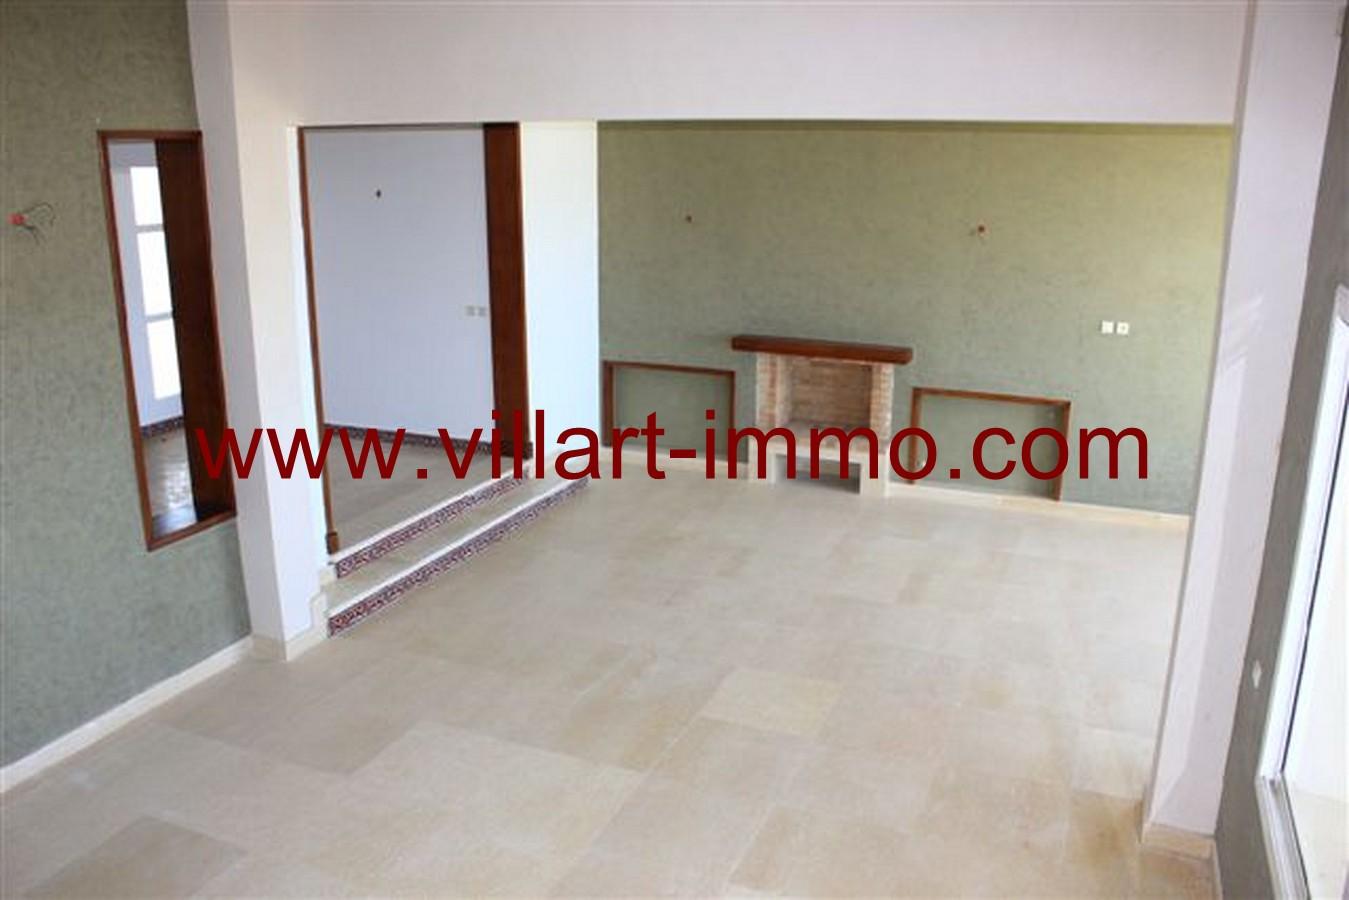 7-Vente-Villa-tanger-Malabata-MIR-1-Villart Immo